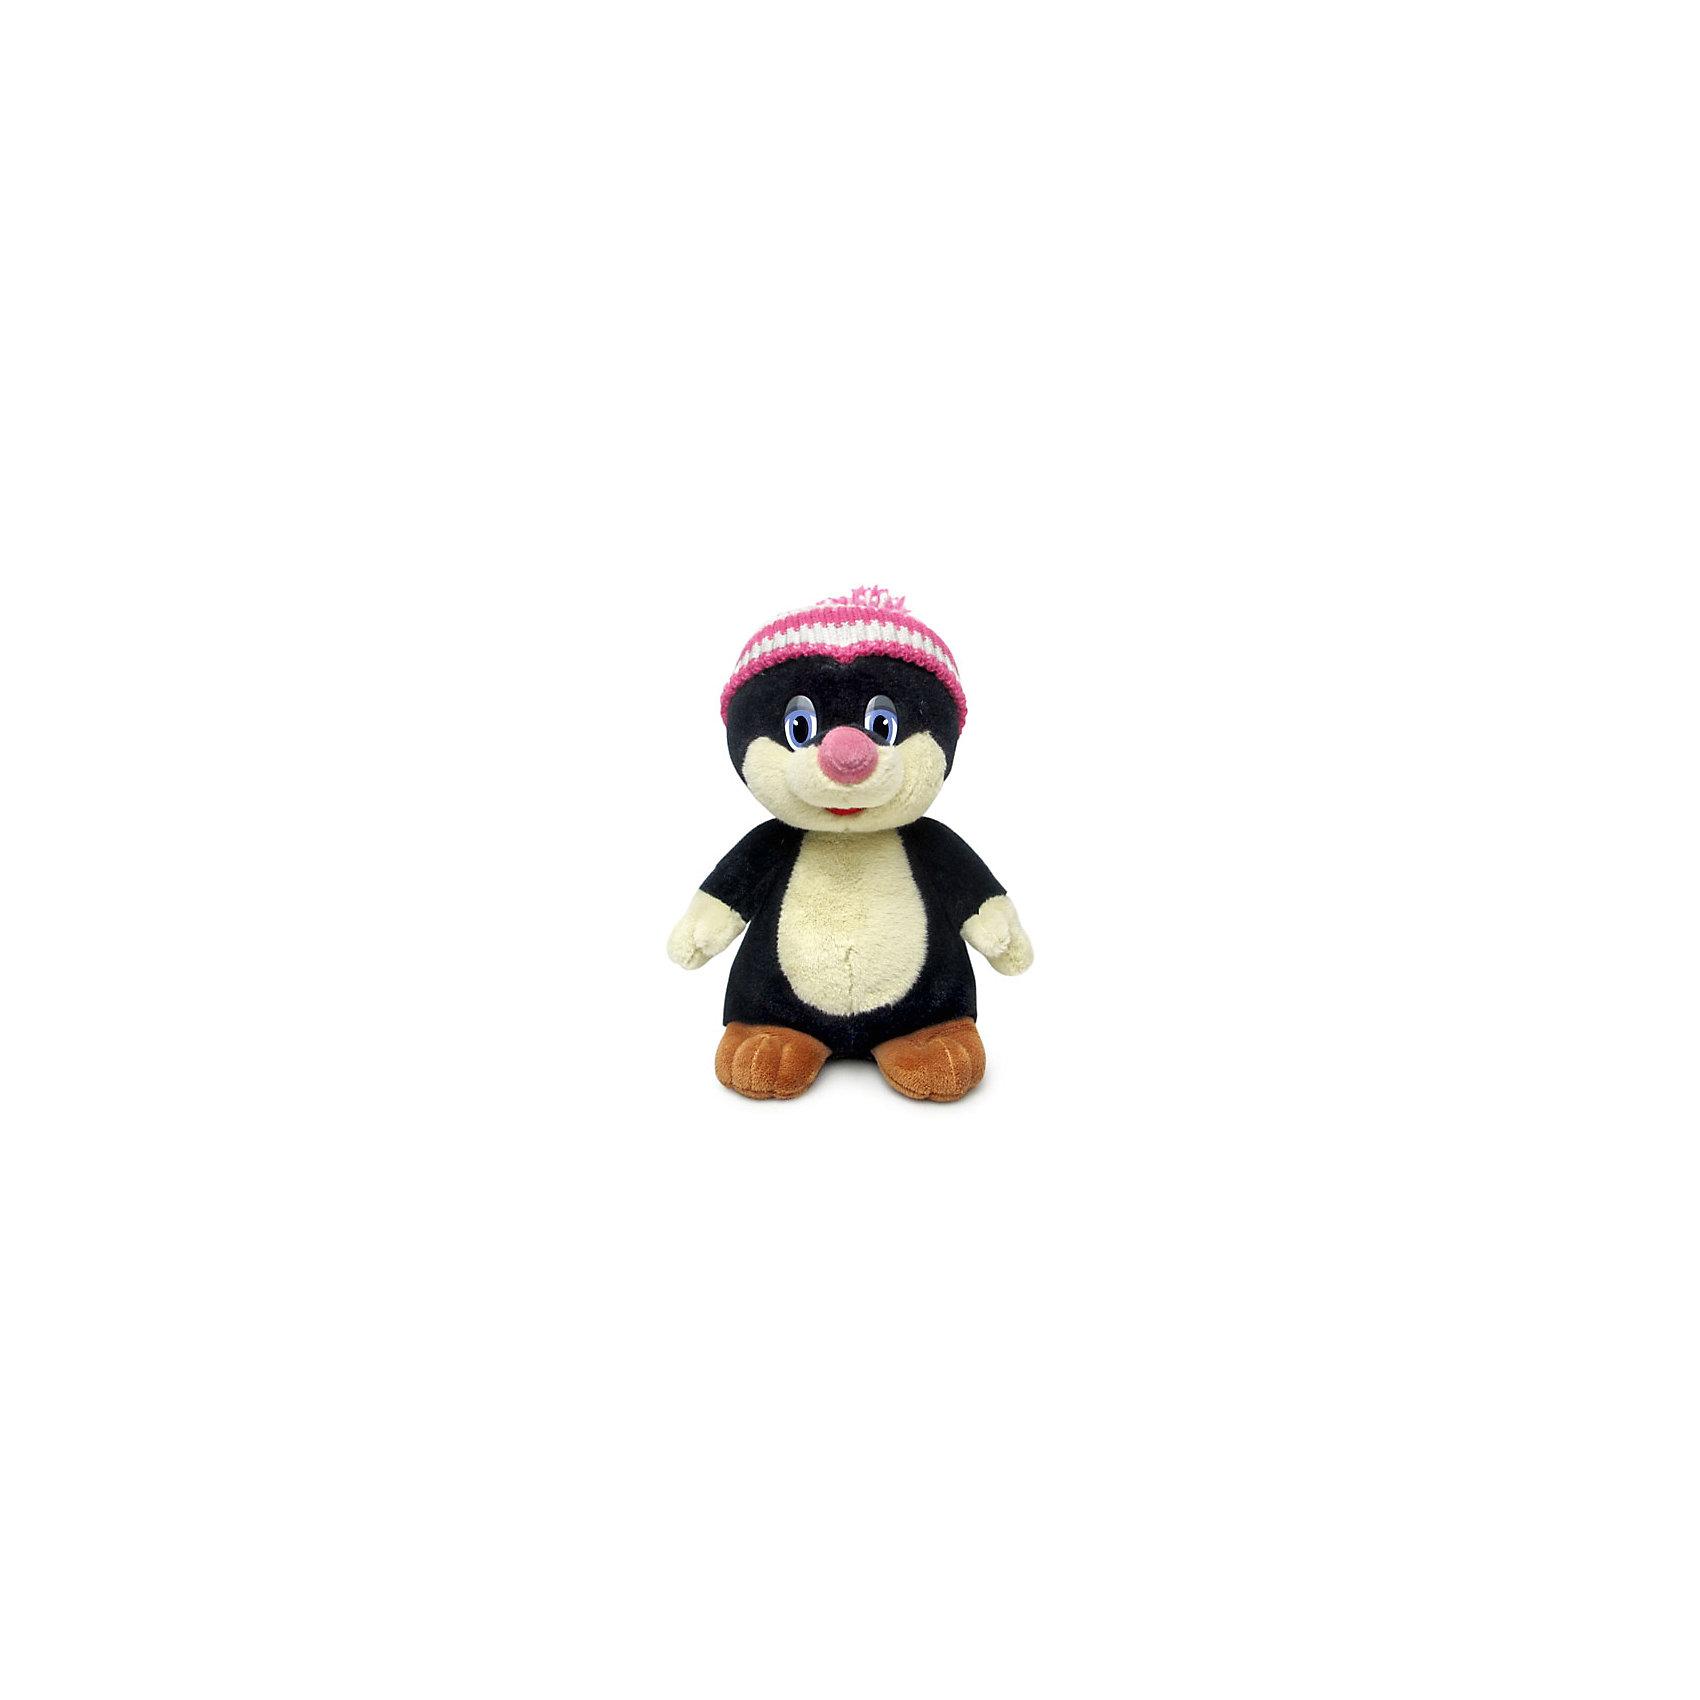 Крот в шапке, музыкальный, 25 см., LAVAОчаровательный крот в яркой шапке не оставит равнодушным ни одного малыша! Он умеет петь веселую песенку, которая обязательно развеселит кроху. Игрушка выполнена из приятного на ощупь экологичного материала безопасного для детей. <br><br>Дополнительная информация:<br><br>- Материал: искусственный мех, текстиль, синтепон, пластик.<br>- Высота: 25 см. <br>- Поет песенку <br>- Элемент питания: батарейка (в комплекте).<br><br>Крота в шапке, музыкального, 25 см., LAVA (ЛАВА) можно купить в нашем магазине.<br><br>Ширина мм: 150<br>Глубина мм: 150<br>Высота мм: 250<br>Вес г: 260<br>Возраст от месяцев: 36<br>Возраст до месяцев: 1188<br>Пол: Унисекс<br>Возраст: Детский<br>SKU: 4444186